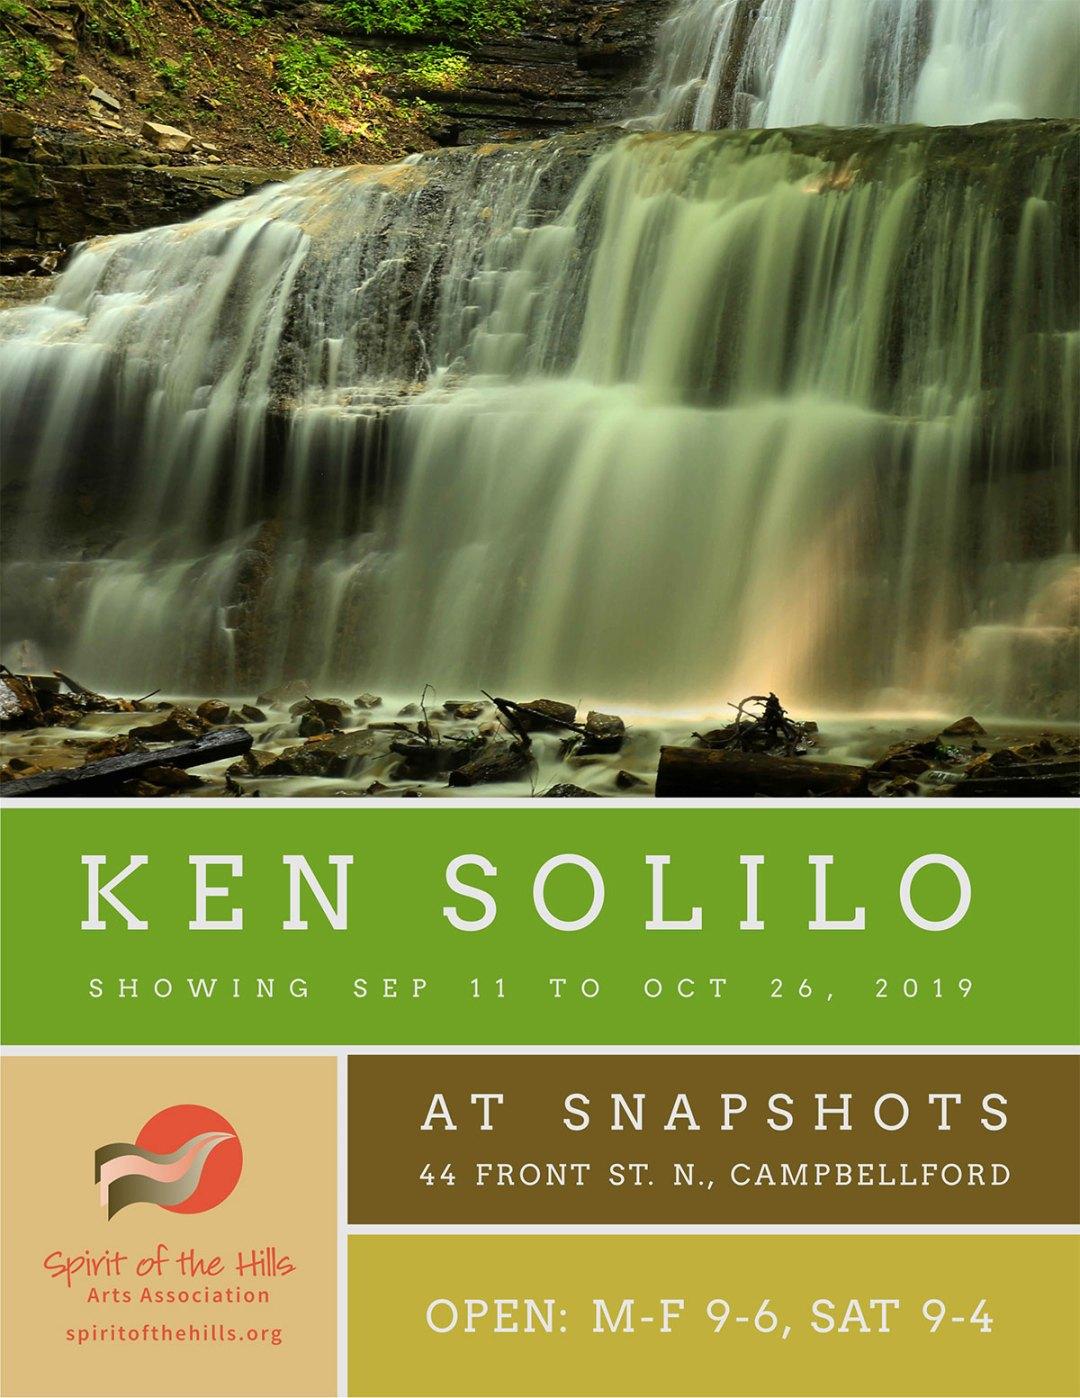 Ken Solilo Photography at Snapshots